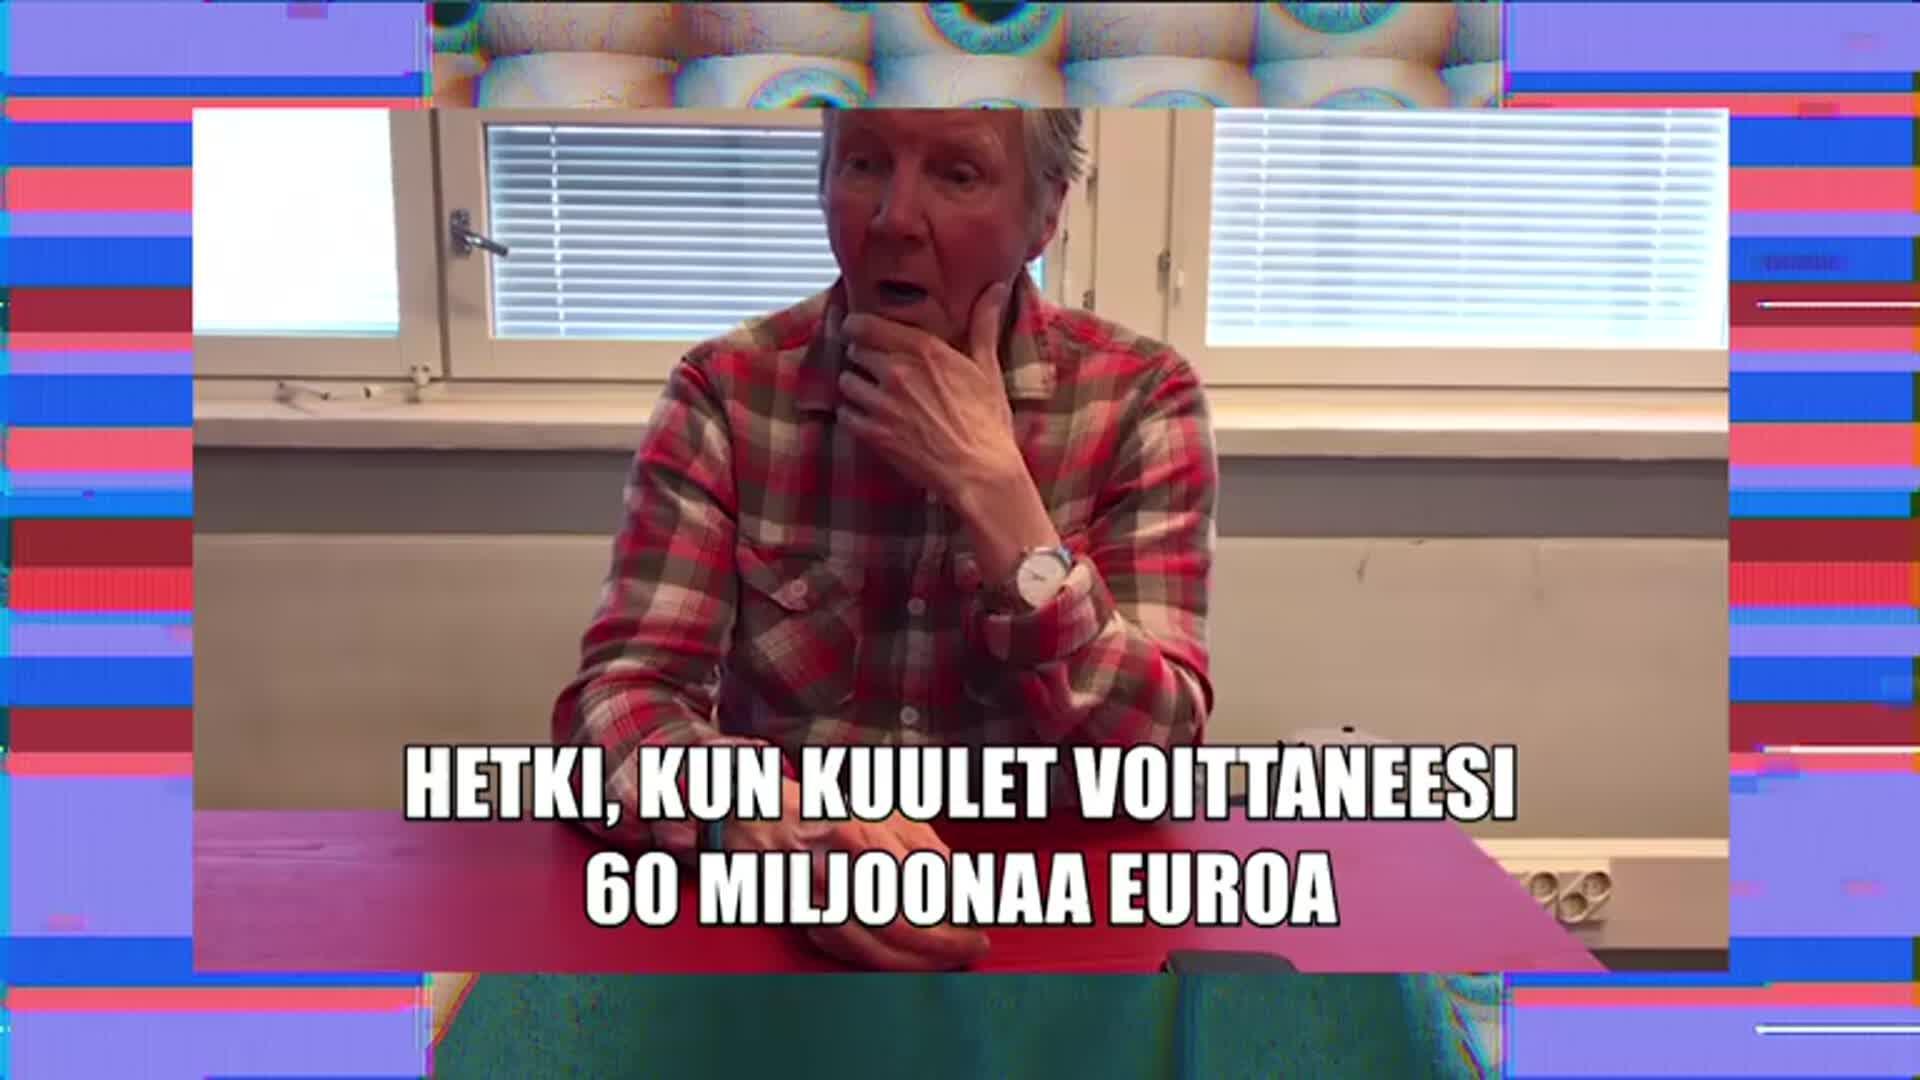 Pekka Meemi